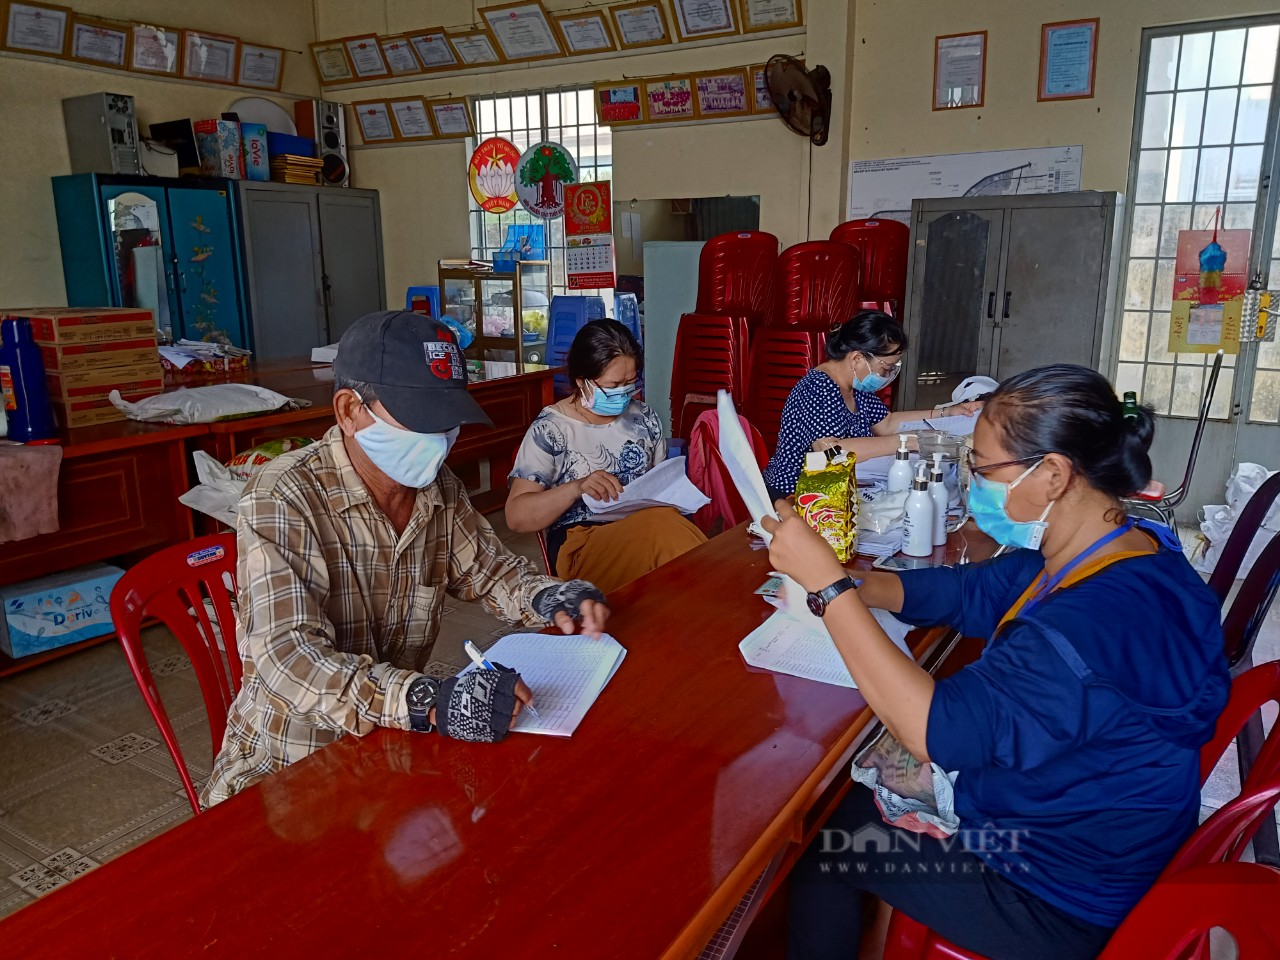 Đồng Nai: Người khó khăn bắt đầu nhận được 1,5 triệu đồng hỗ trợ trong đại dịch - Ảnh 1.